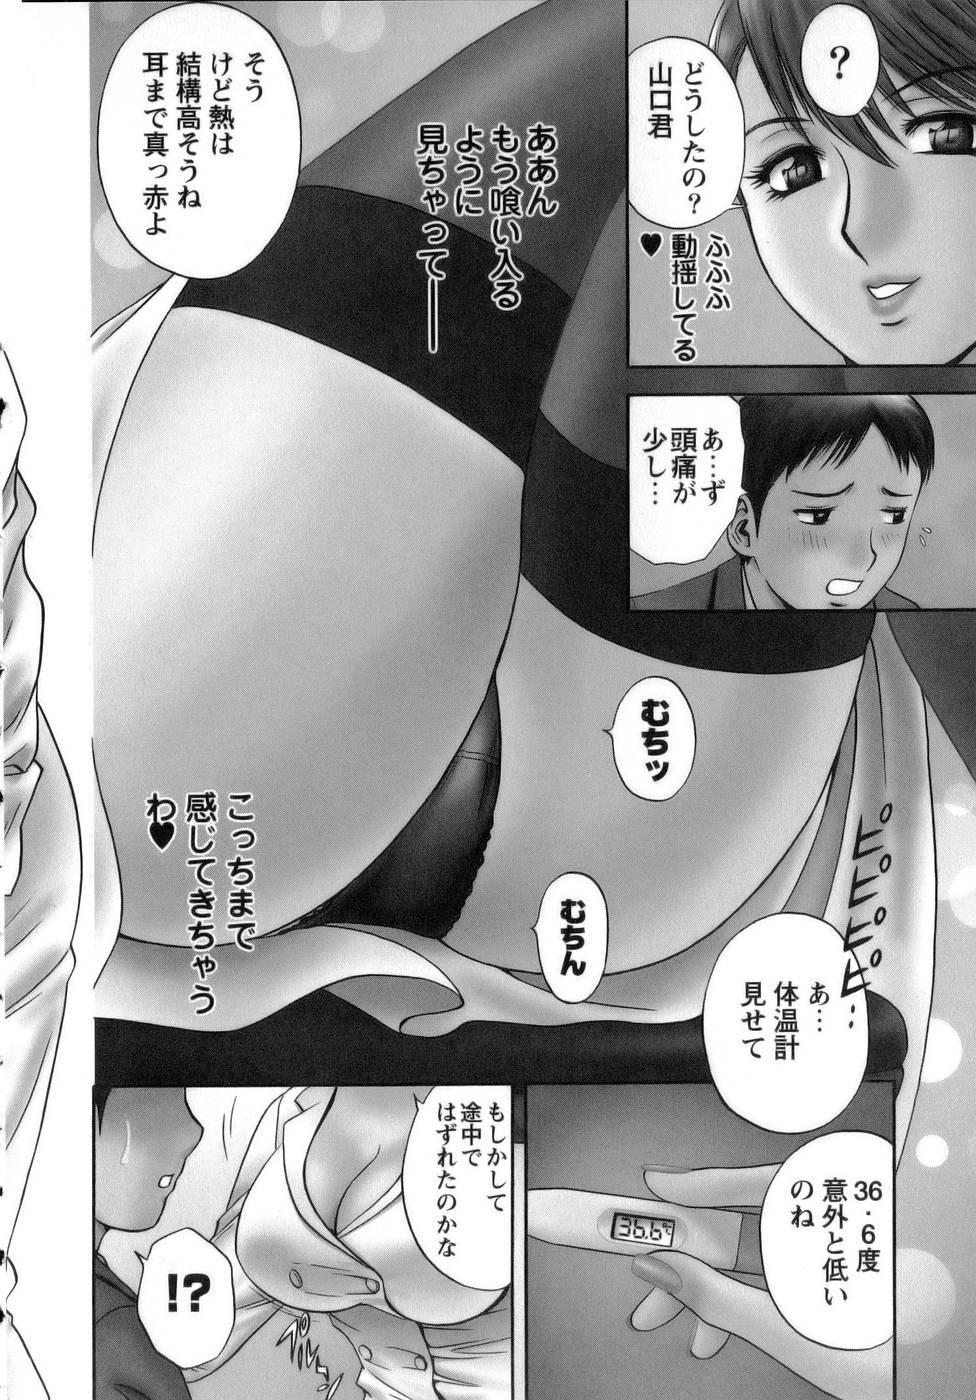 [Hidemaru] Mo-Retsu! Boin Sensei (Boing Boing Teacher) Vol.1 50